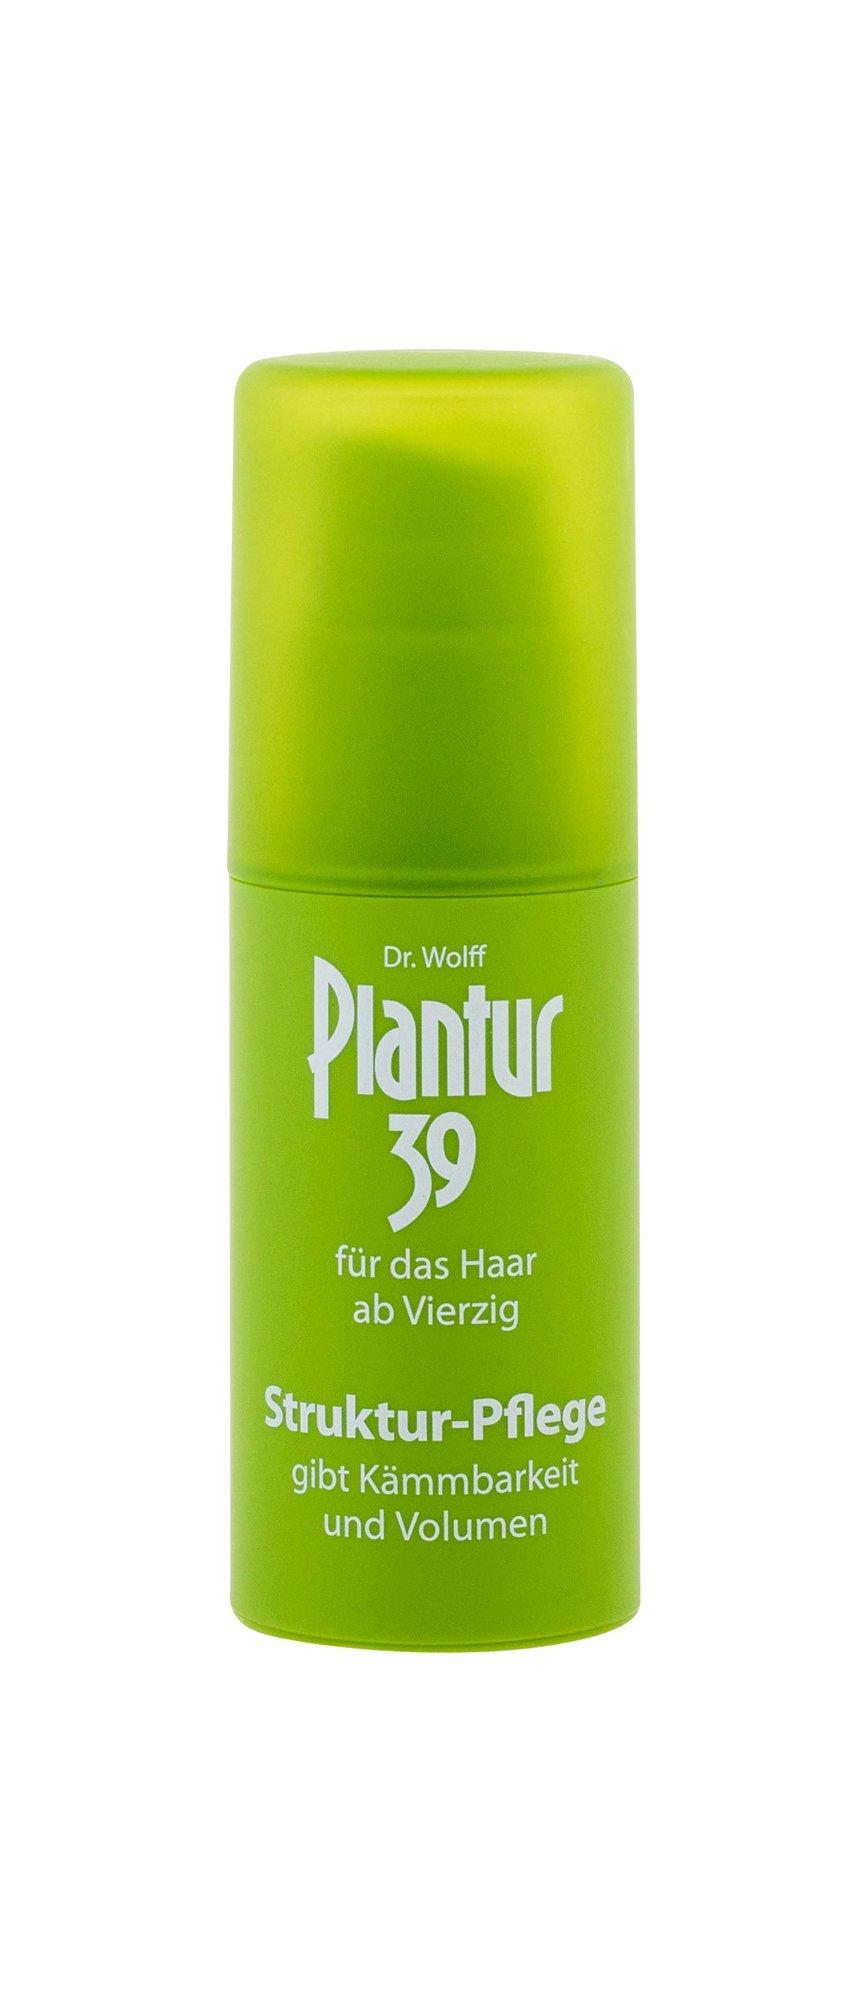 Plantur 39 Structural Hair Treatment Hair Volume 30ml